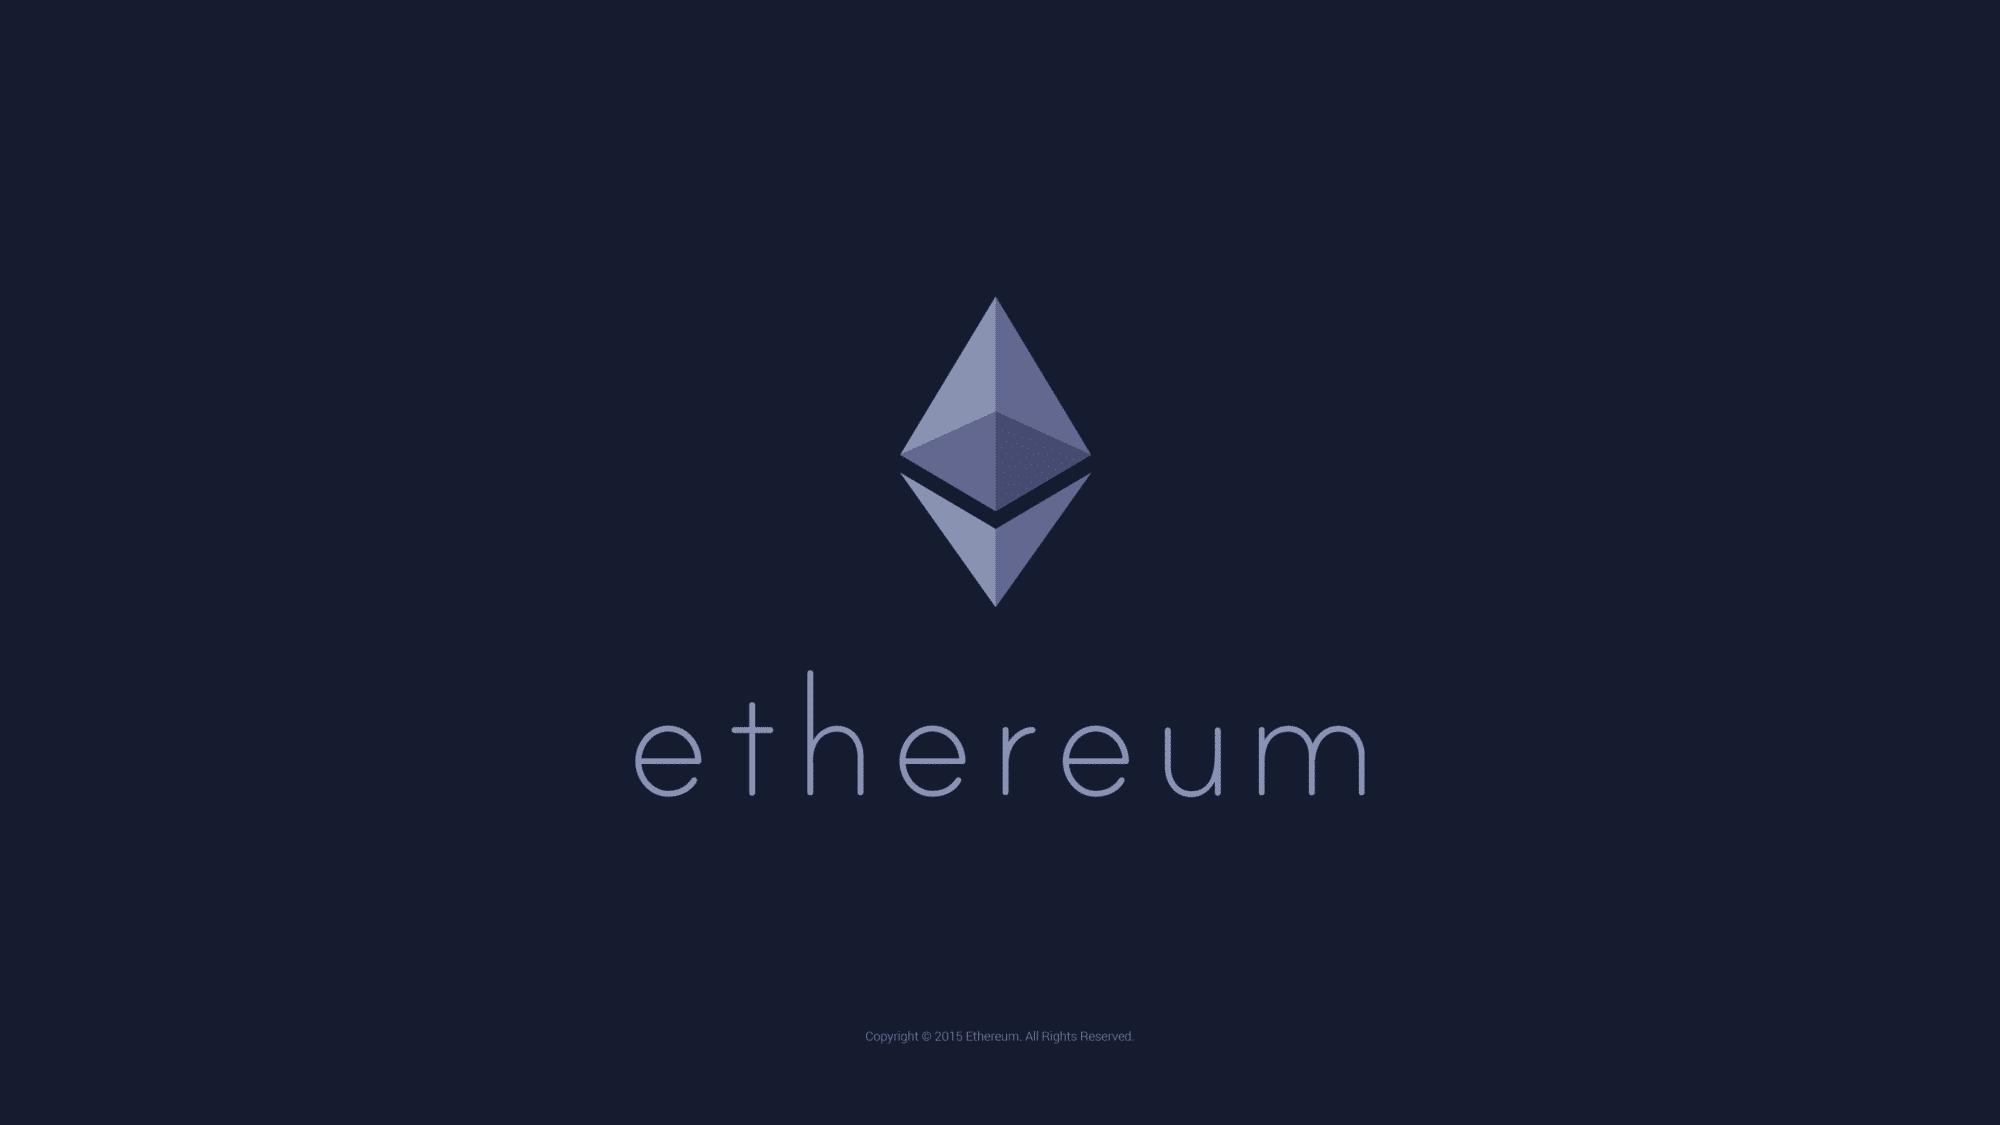 在美国如何创建以太坊/ethereum钱包?